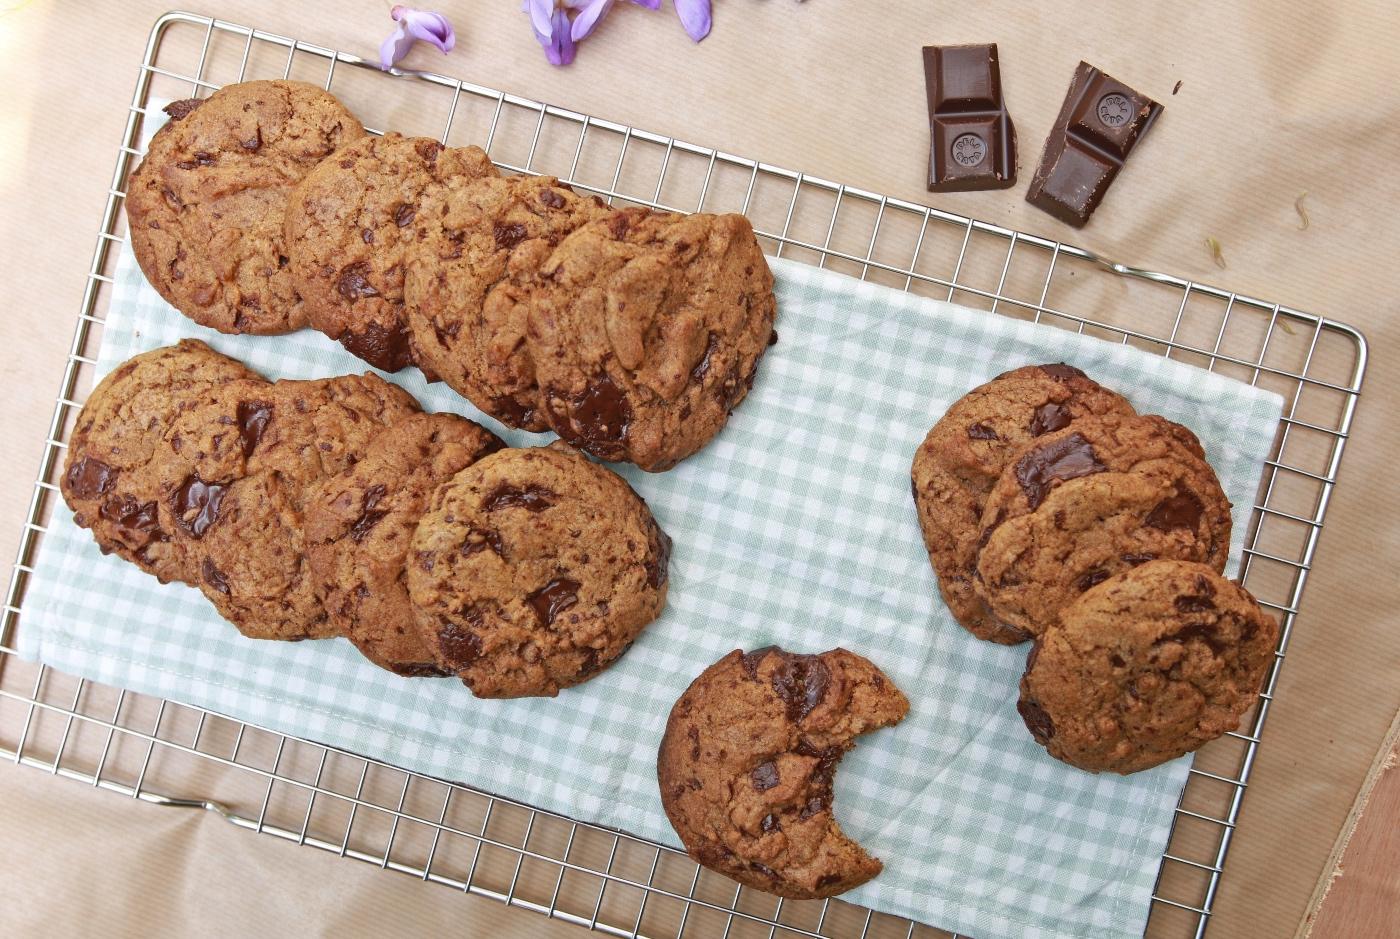 Chocolate chip cookies recept - vegan